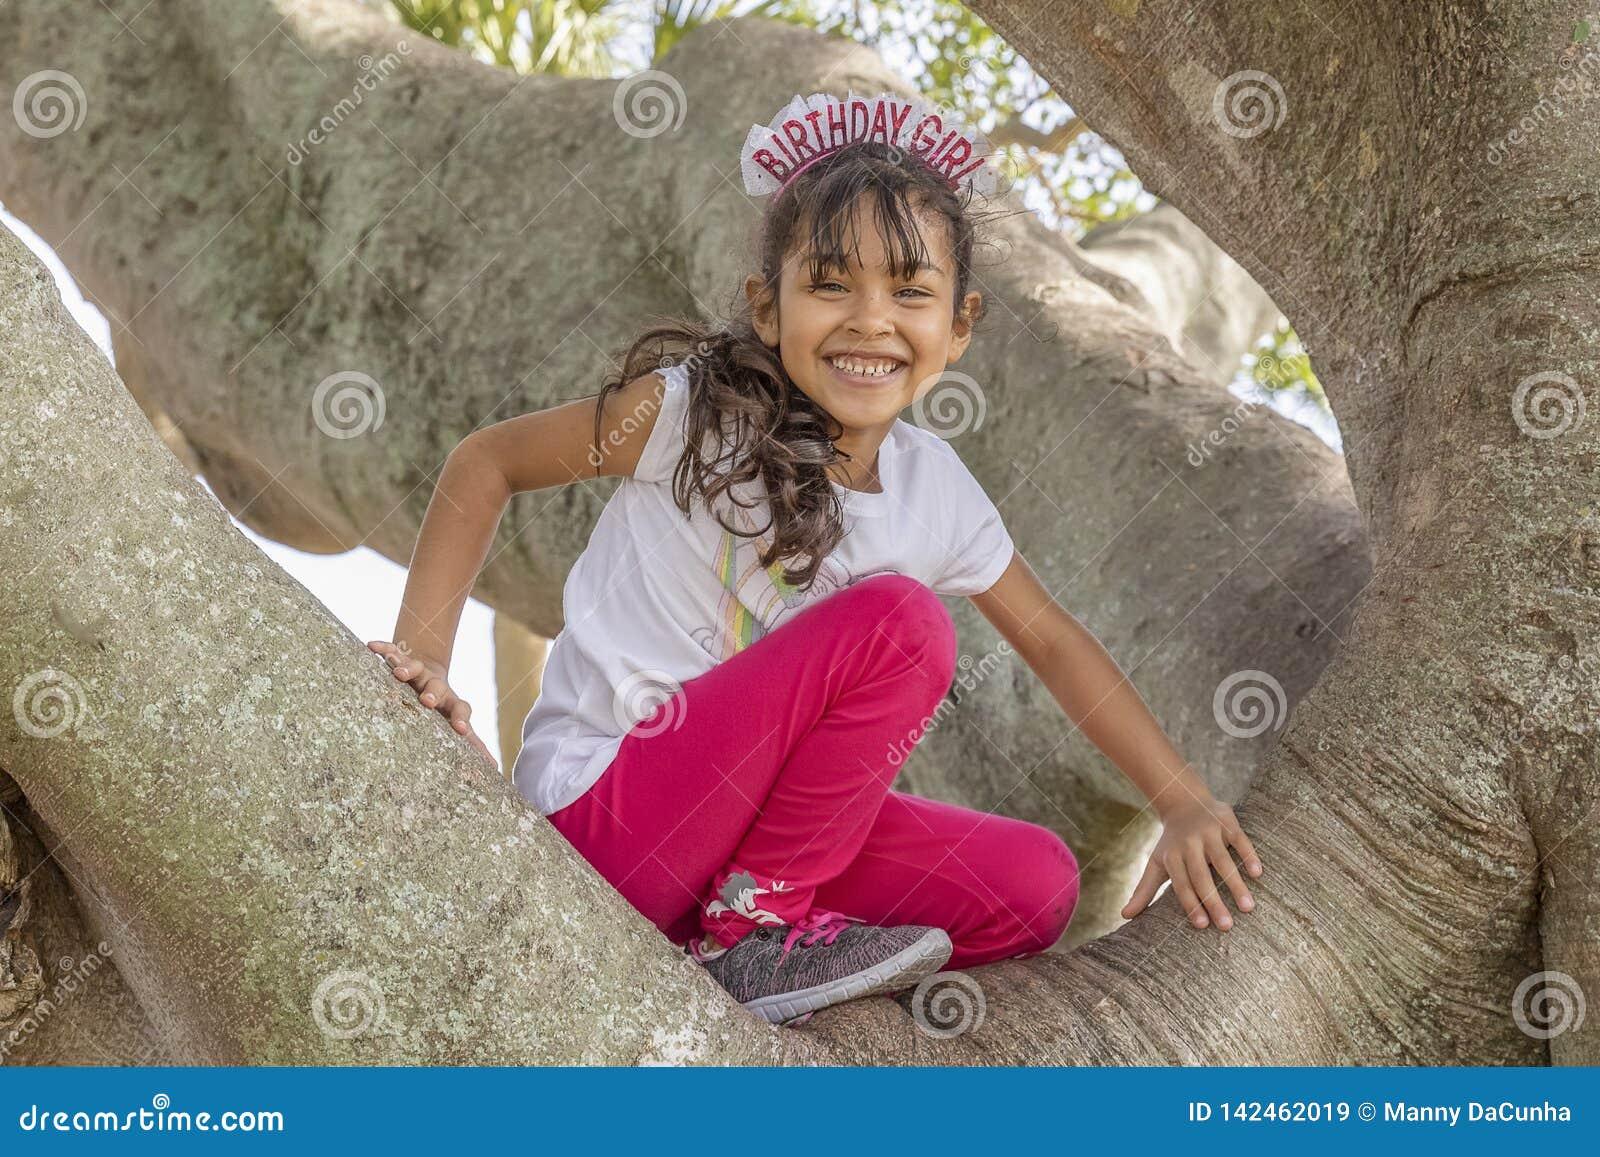 Wszystkiego najlepszego z okazji urodzin dziewczyna ono uśmiecha się z wierzchu drzewa